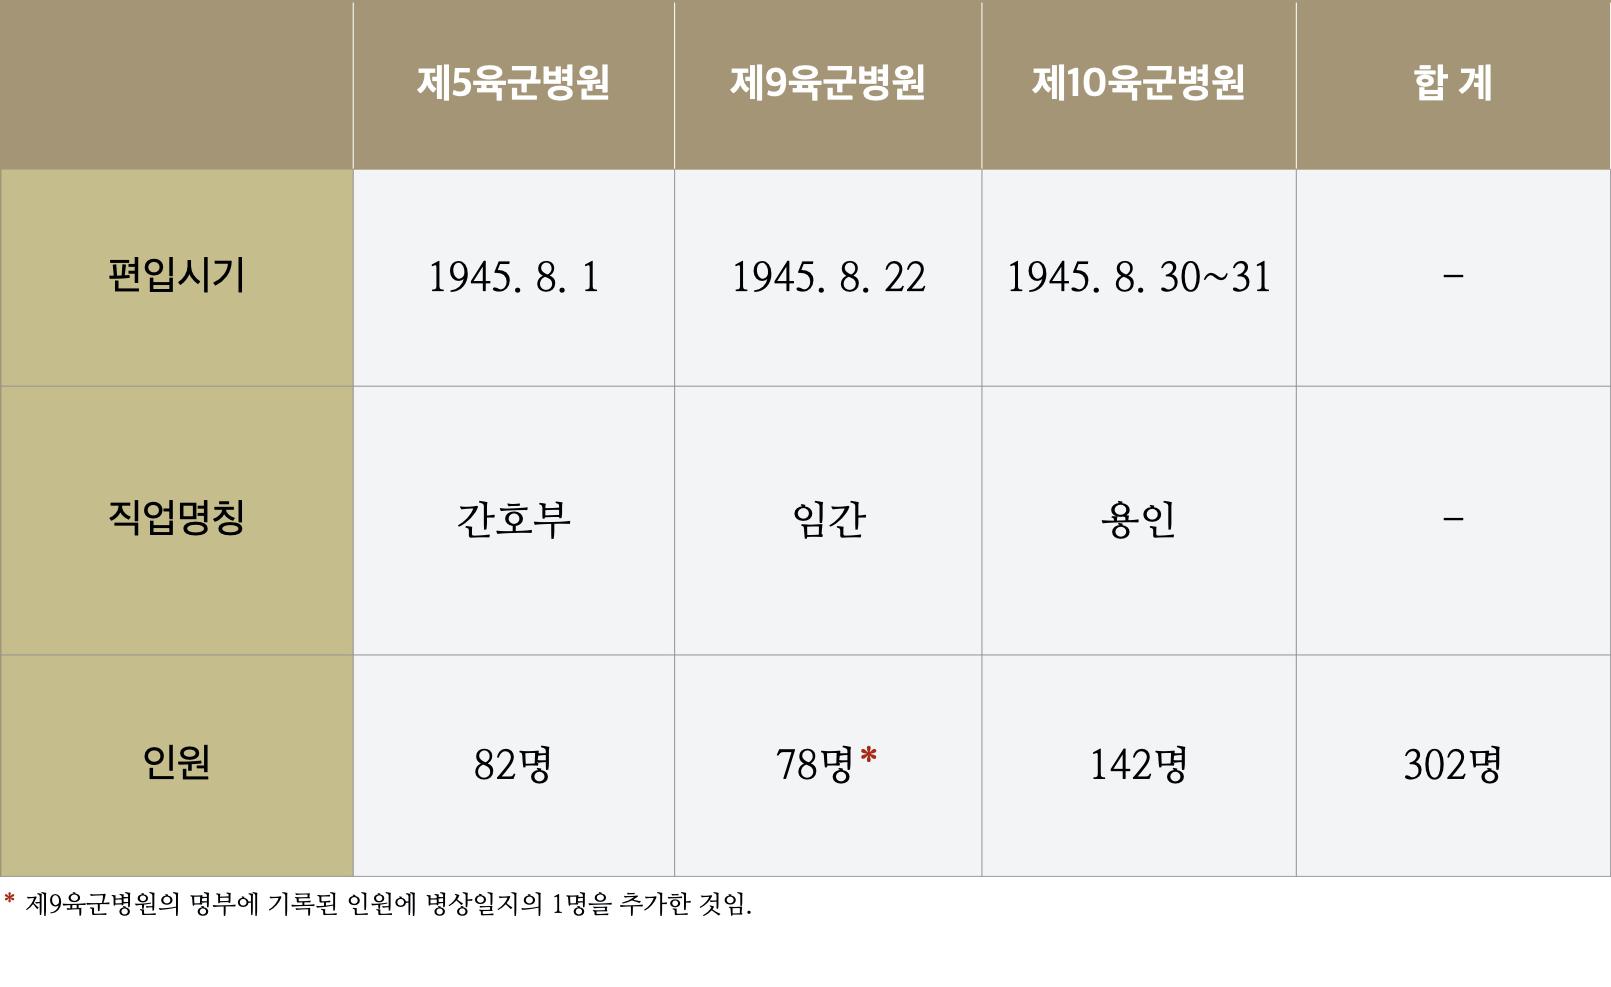 <표1> 남방군 육군병원 소속 조선인 여성들의 편입시기·직업명칭·인원